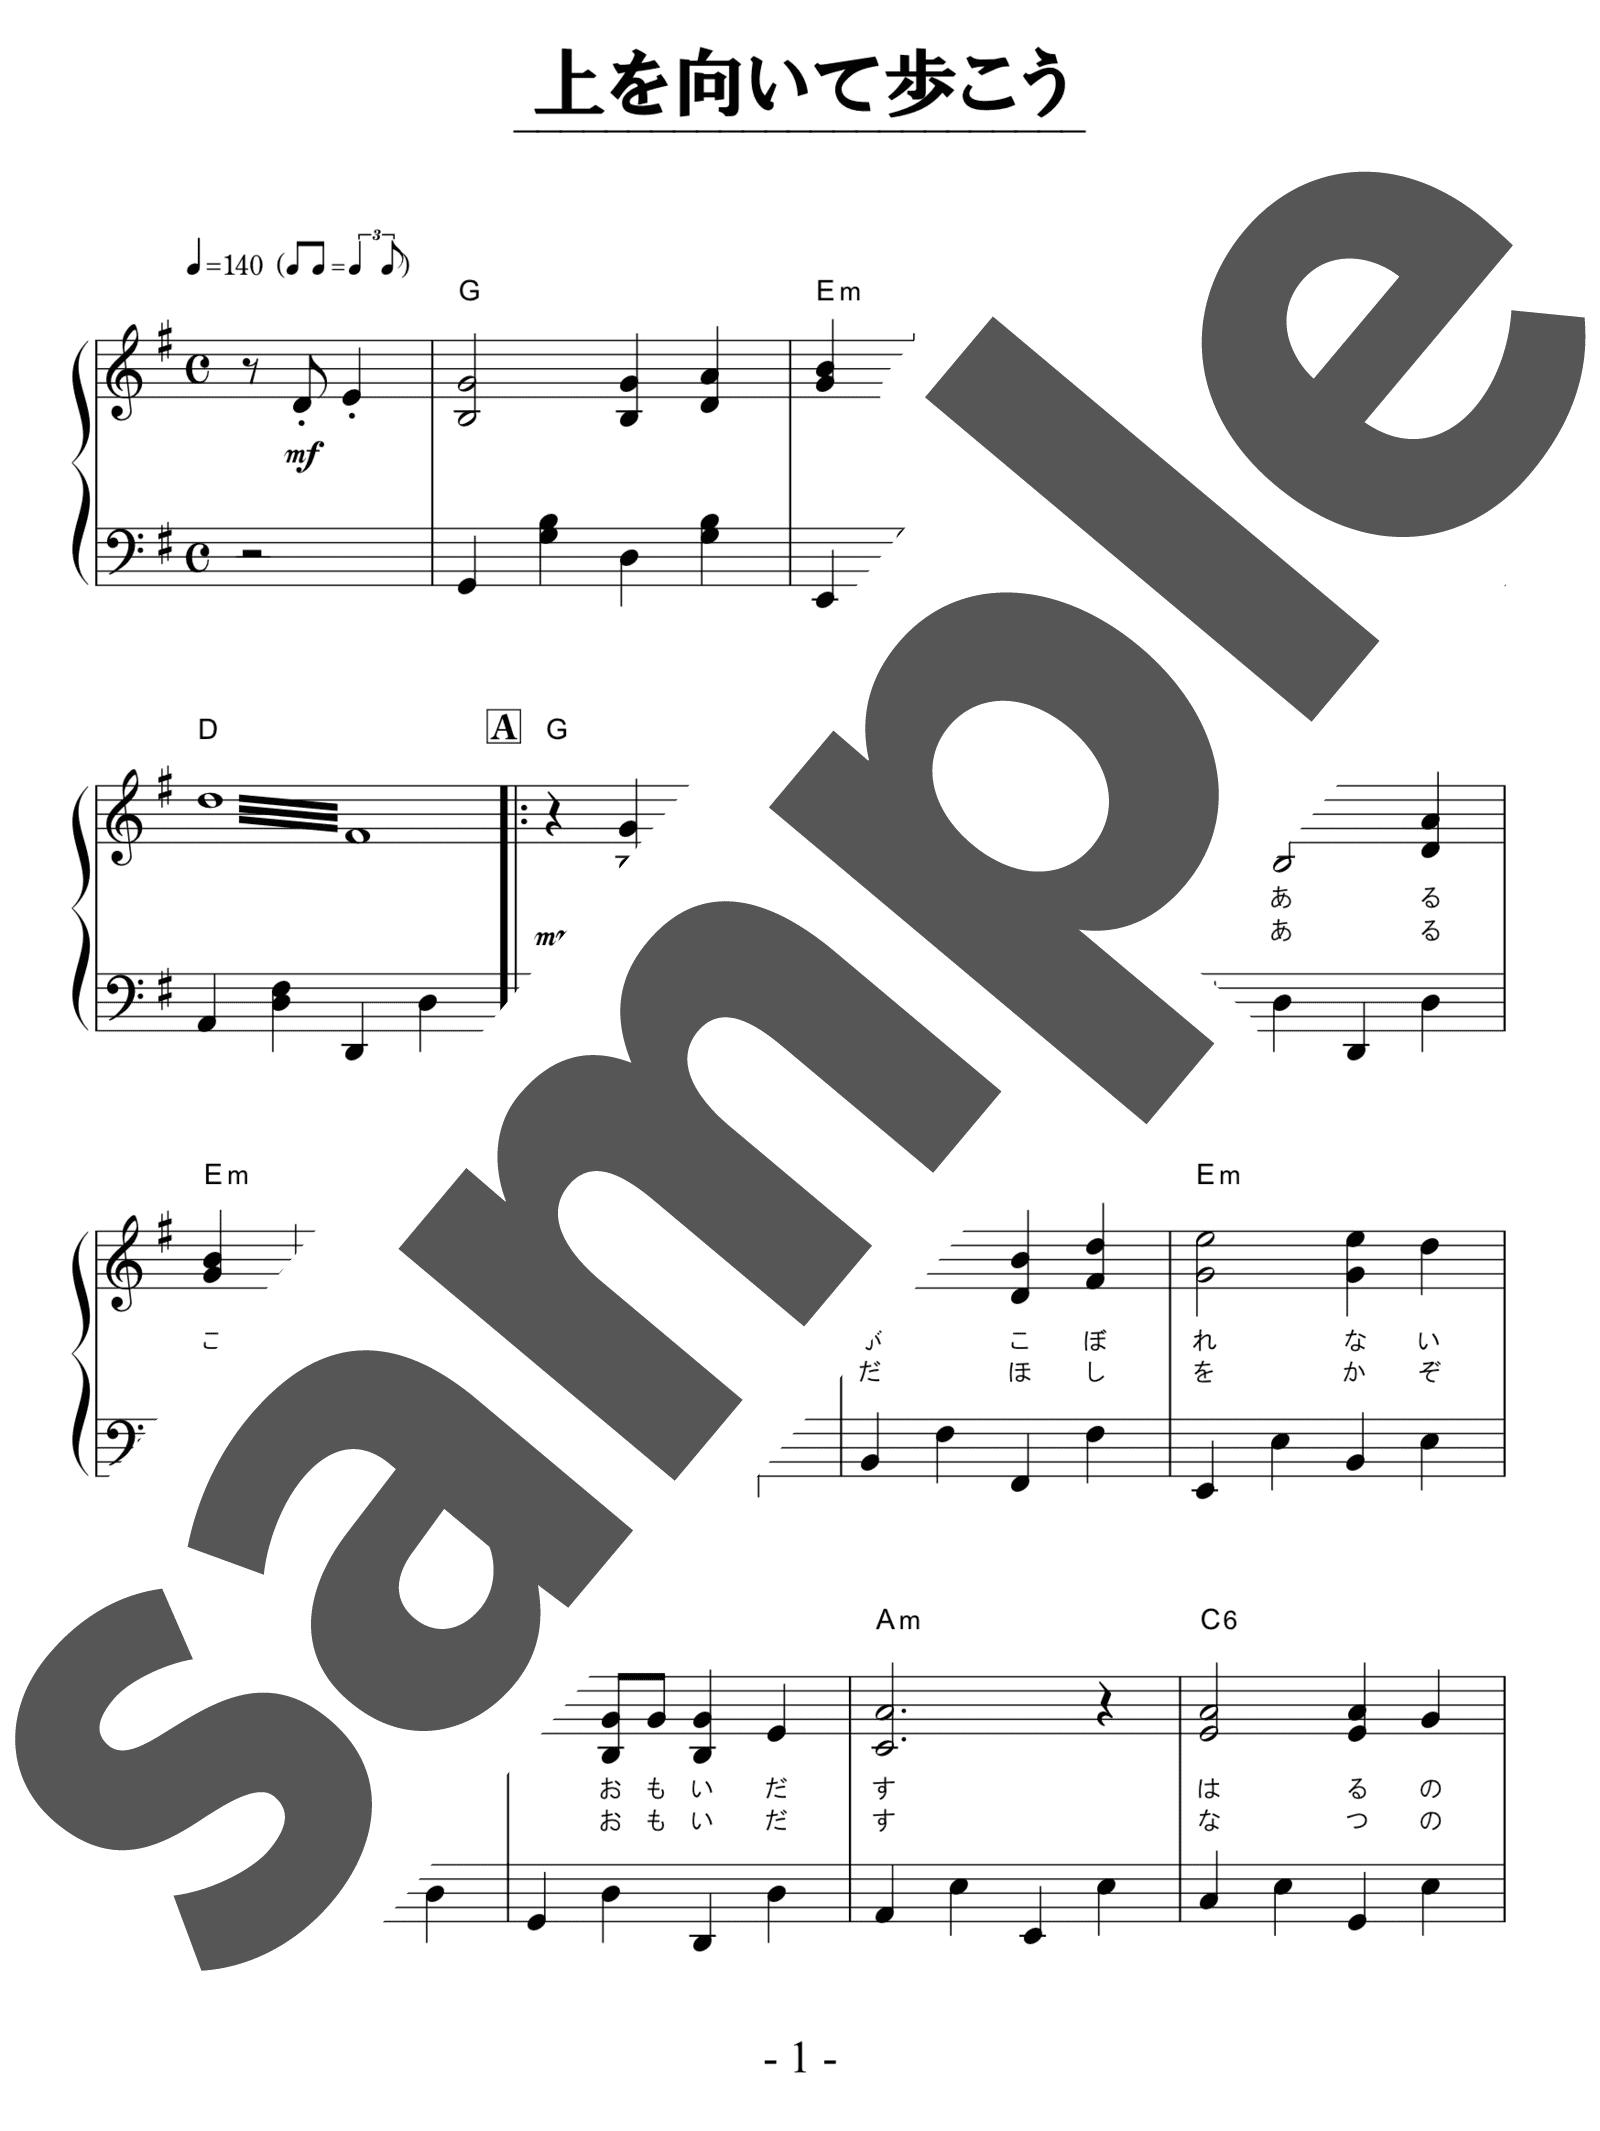 「上を向いて歩こう」のサンプル楽譜